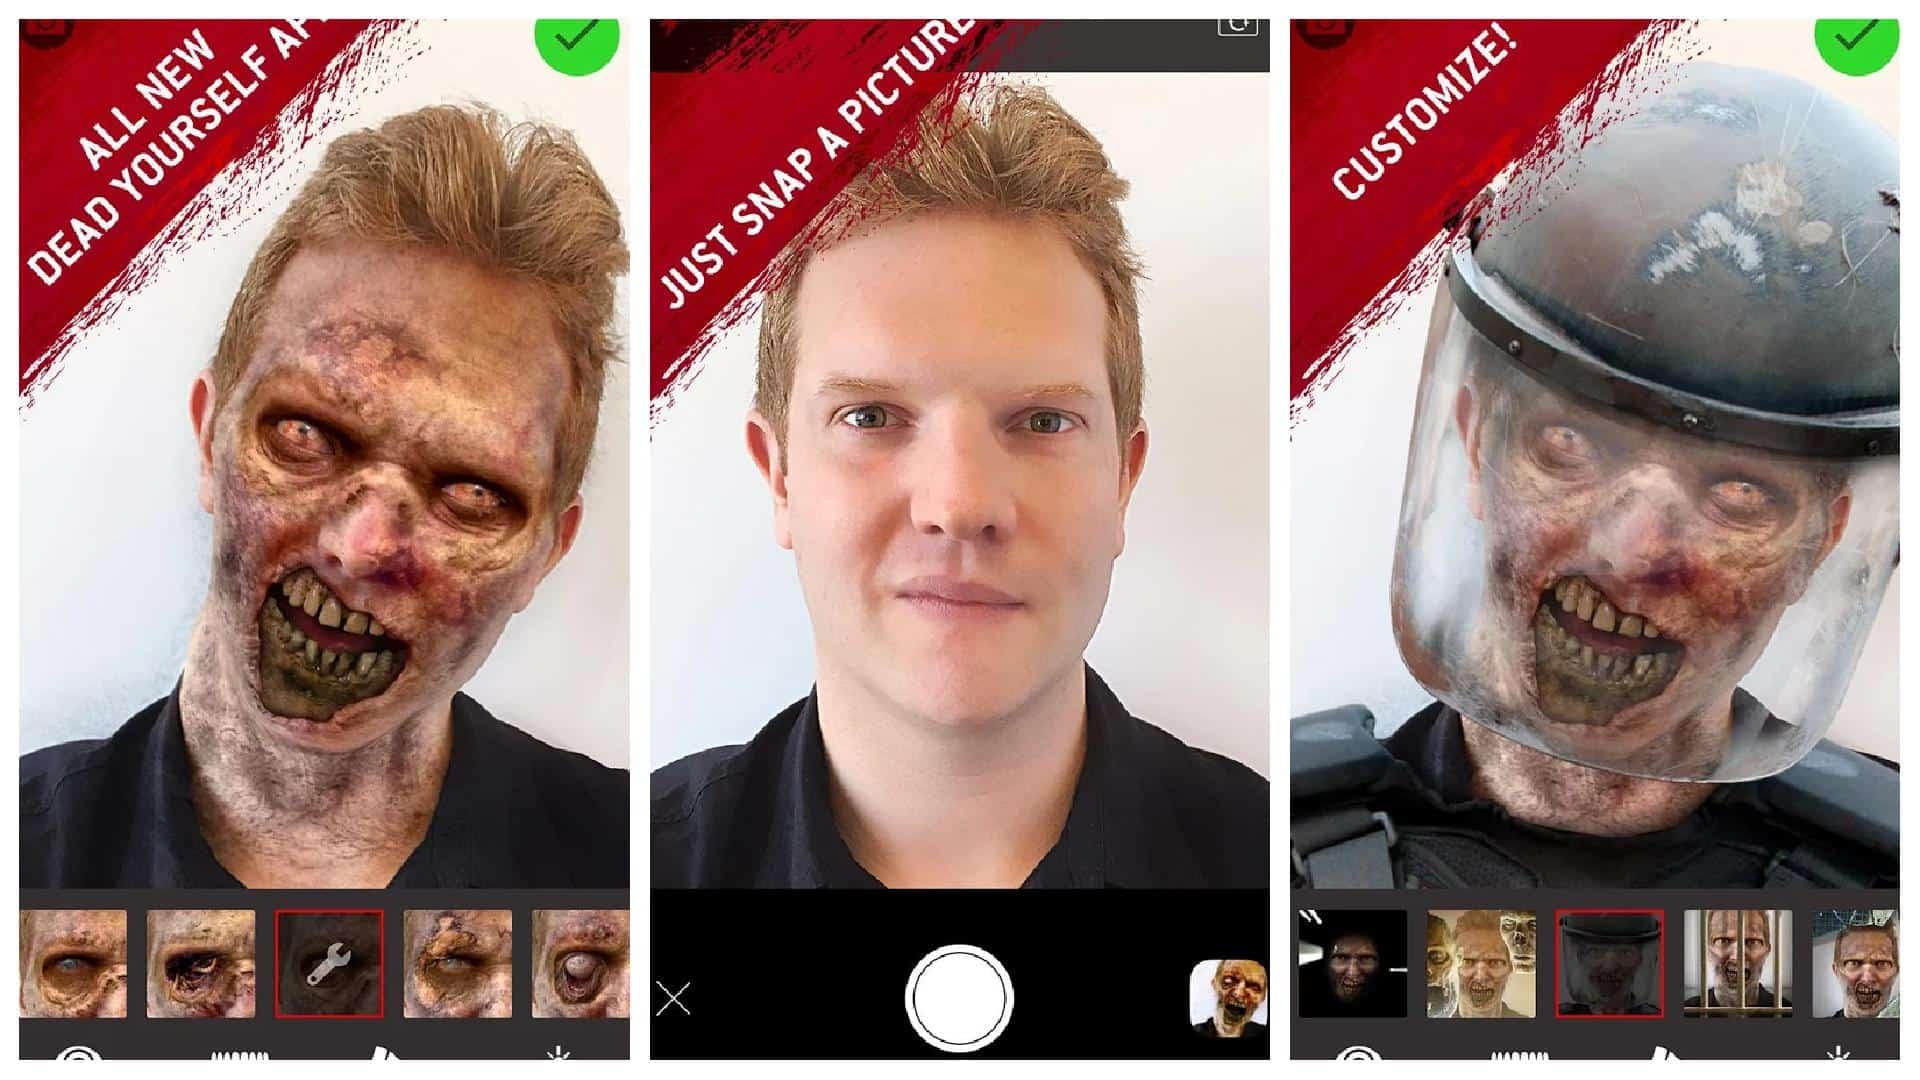 The Walking Dead Dead Yourself app grid image